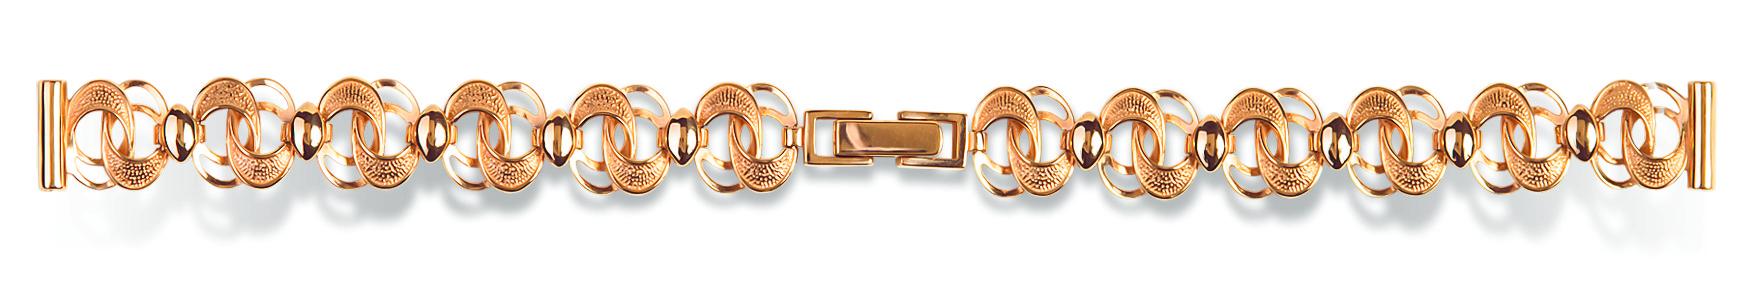 Купить недорогой золотой часовой браслет